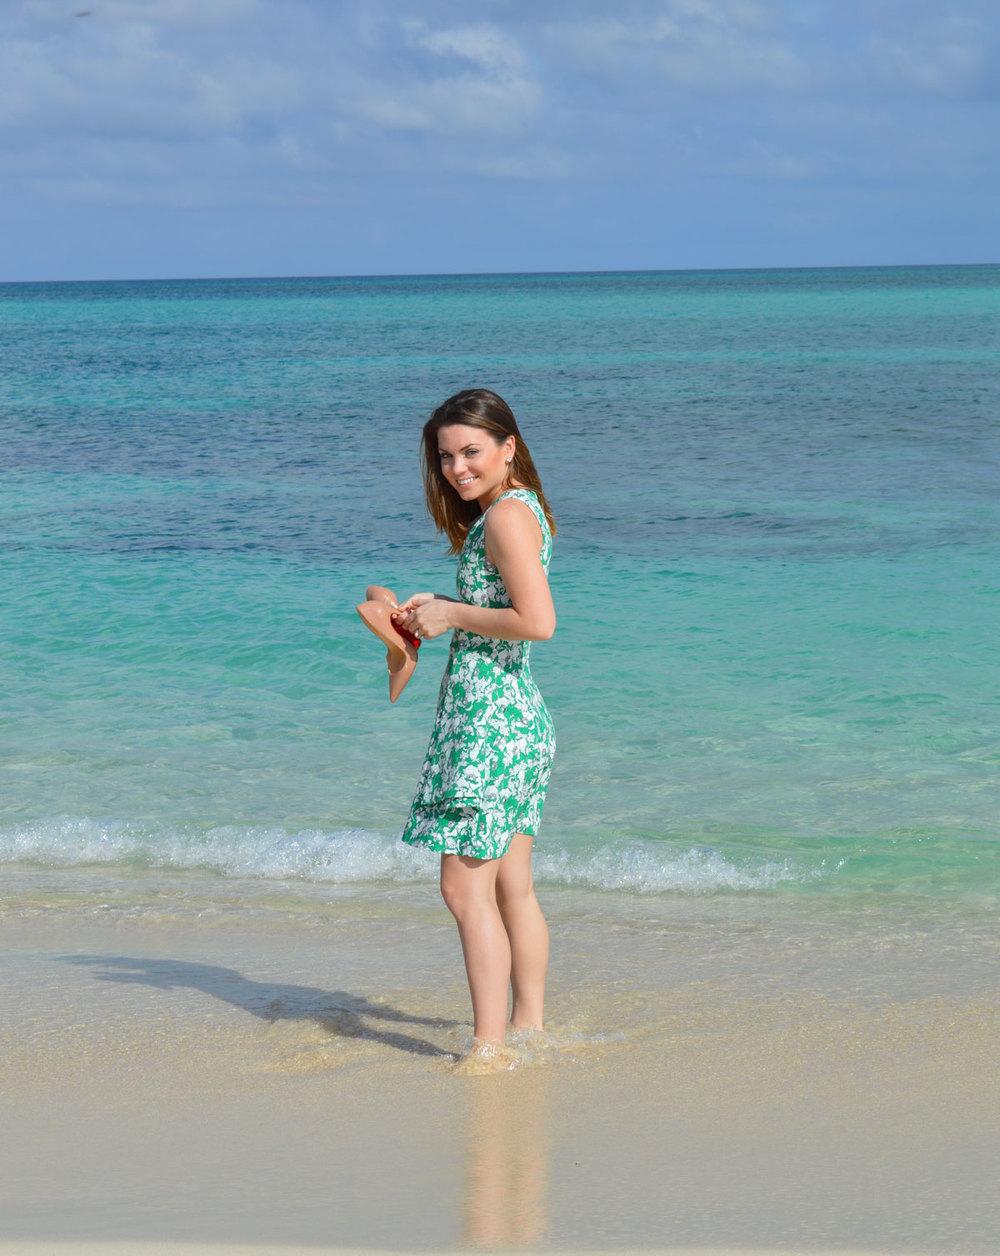 Nassau-bahamas-Paradise-Style-Blogger-Zara-Dress-Christian-Louboutin-bahamas-candace-marie-fromctoc-lifestyle-fashion-beach-wiw.jpeg